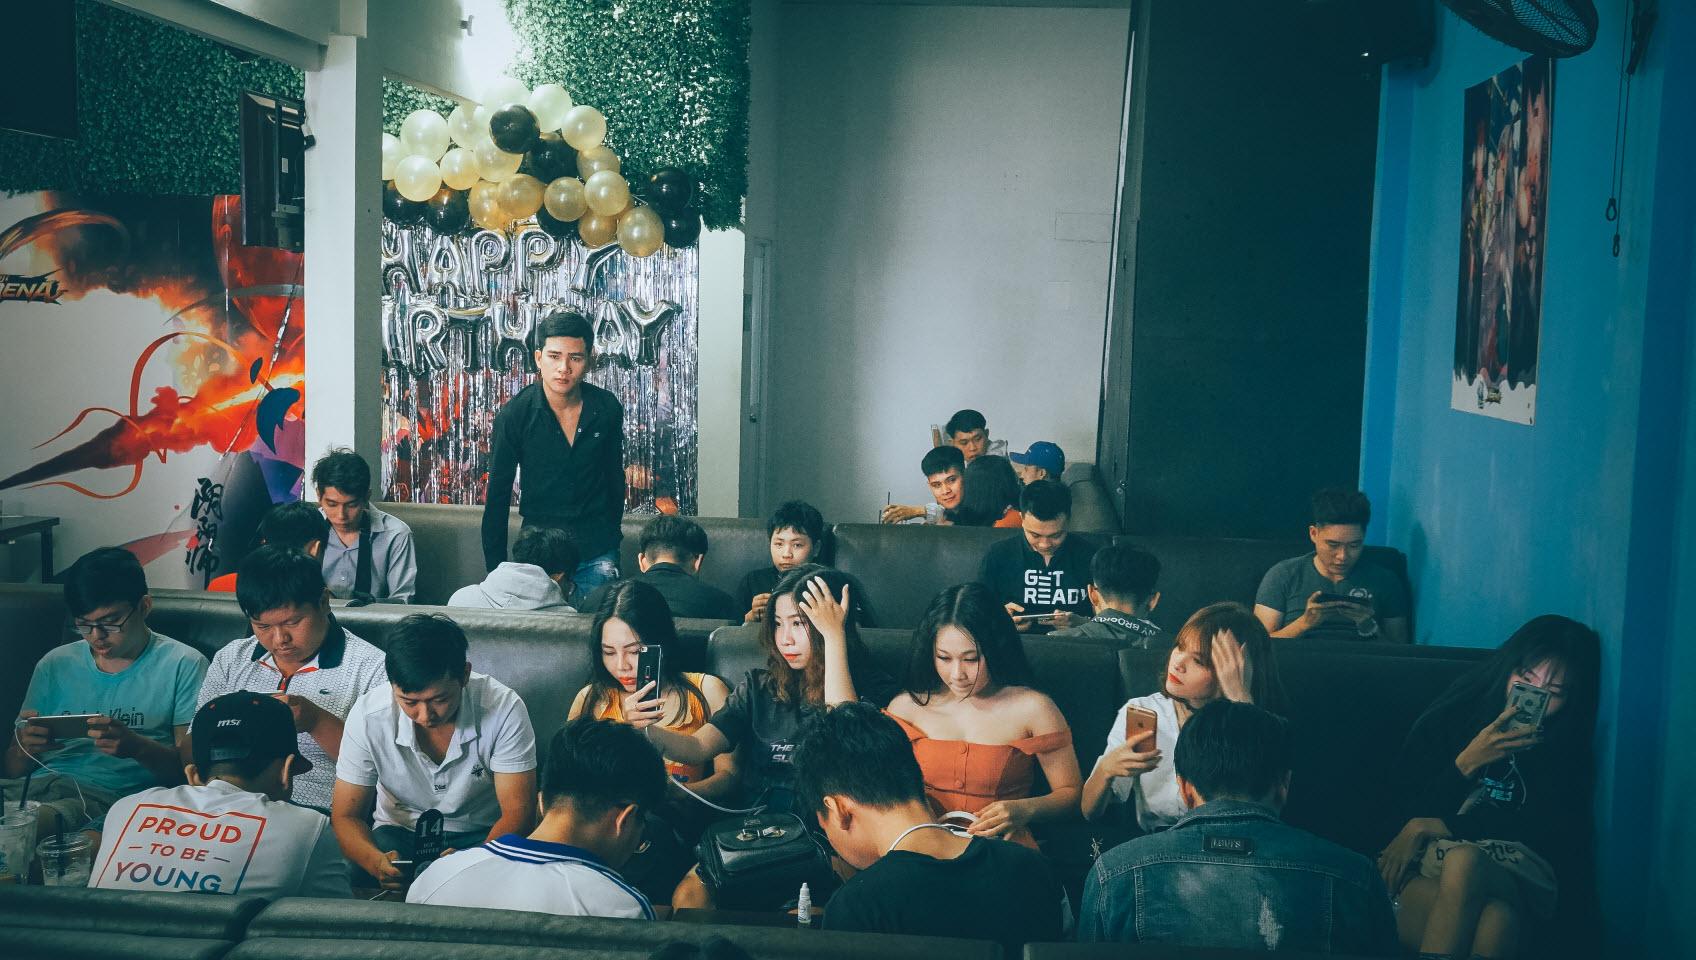 Cộng đồng Rules of Survival tổ chức offline mừng sinh nhật tại Hồ Chí Minh 3